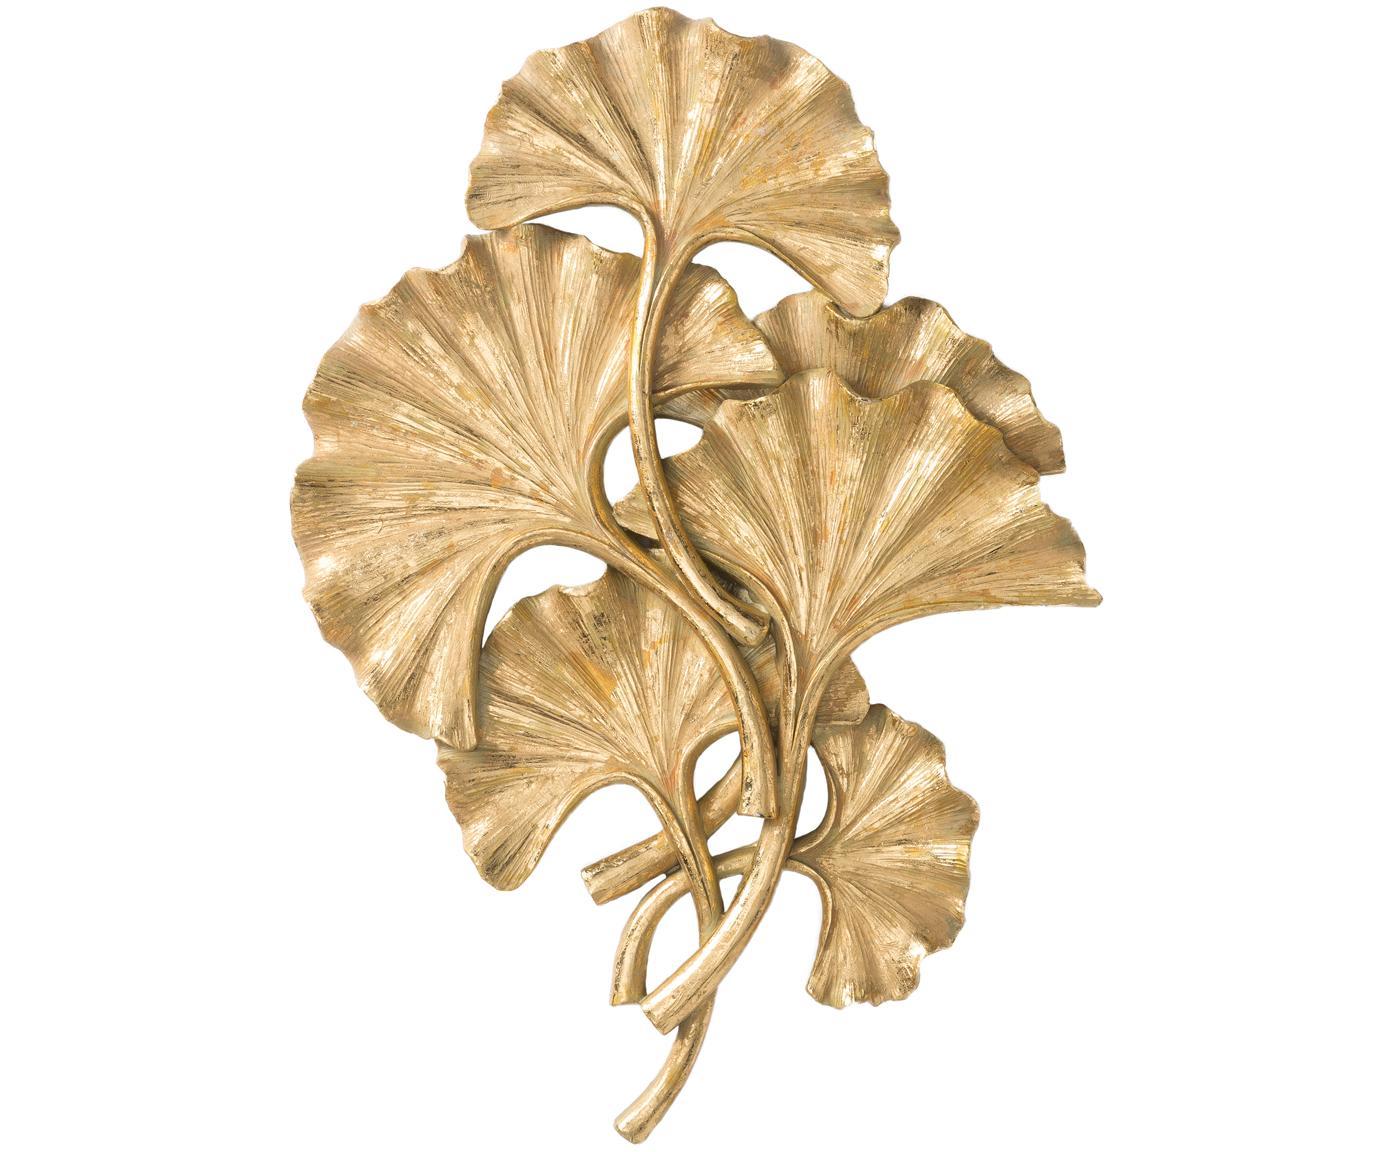 Dekoracja ścienna z poliresingu Ginkgo, Poliresing, Odcienie złotego, S 28 x W 39 cm